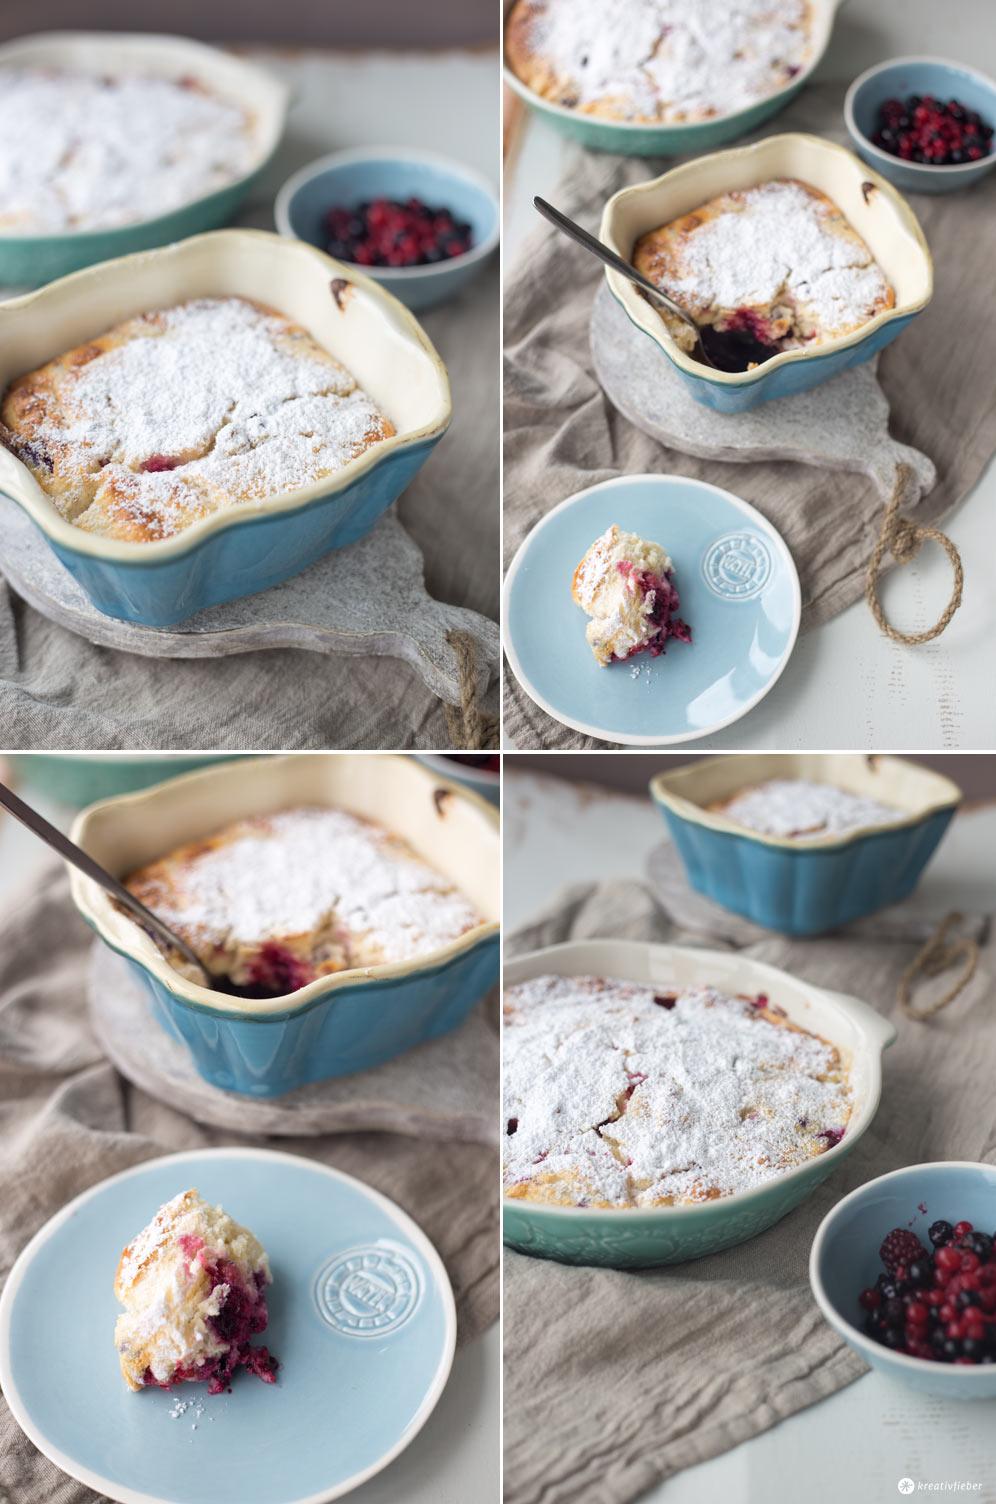 Quarkauflauf mit Waldbeeren - leckerer Nachtisch oder Sonntagskuchen - Dessertrezeptidee